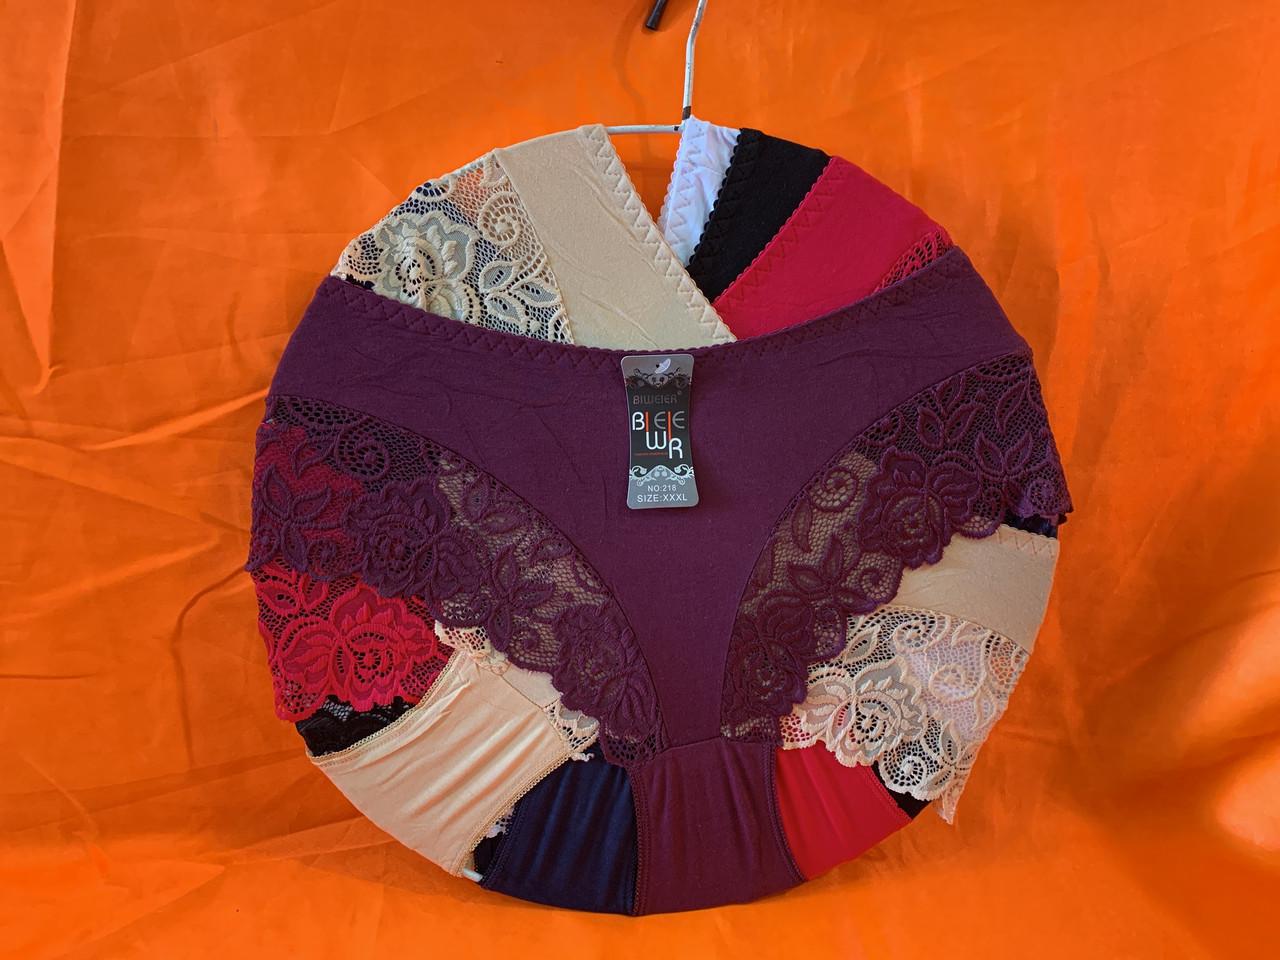 Трусы хлопок с кружевом  52-56 рр, один цвет в упаковке